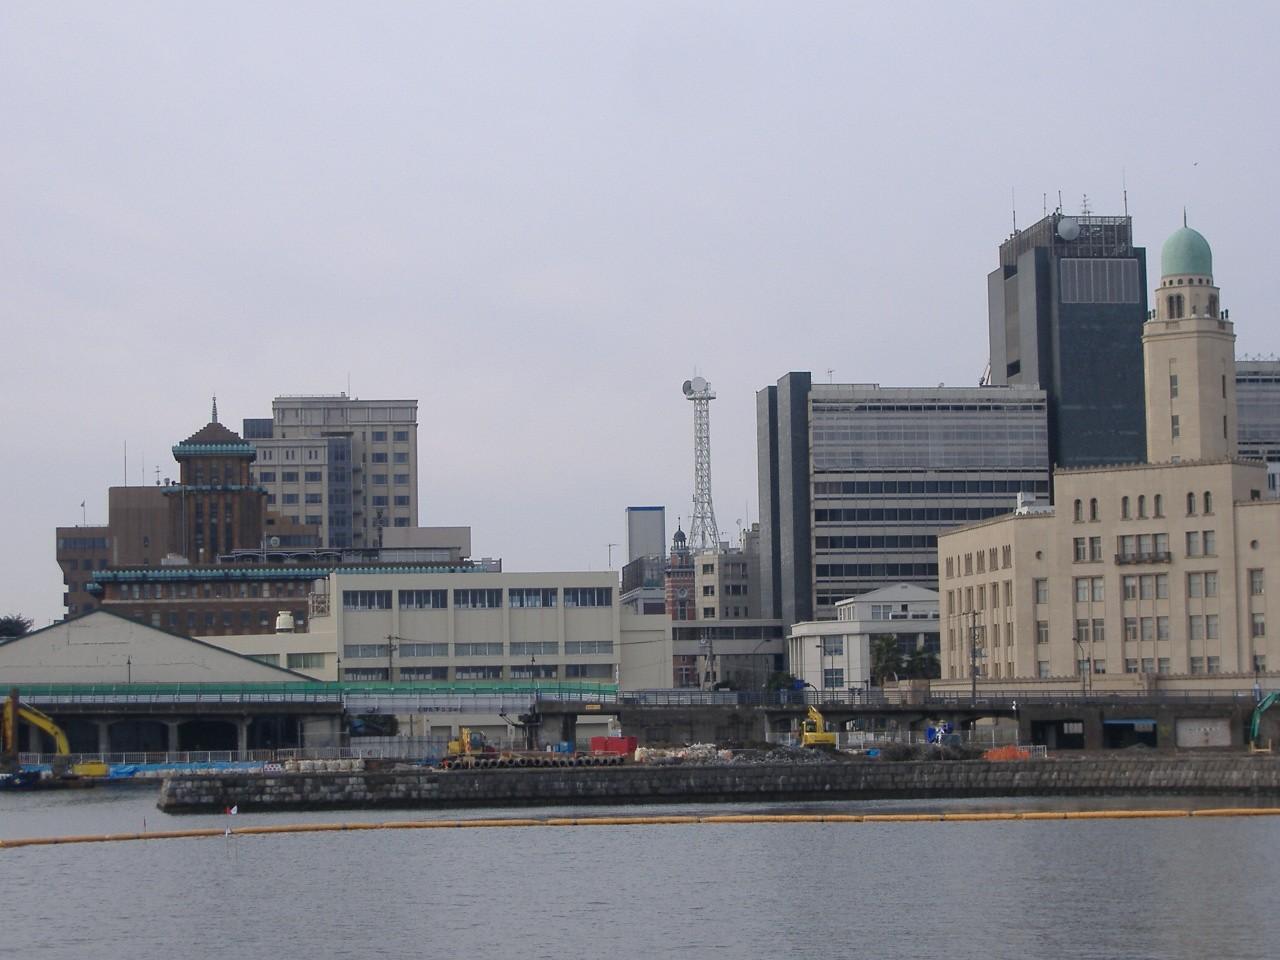 大さん橋国際客船ターミナルから見た横浜三塔